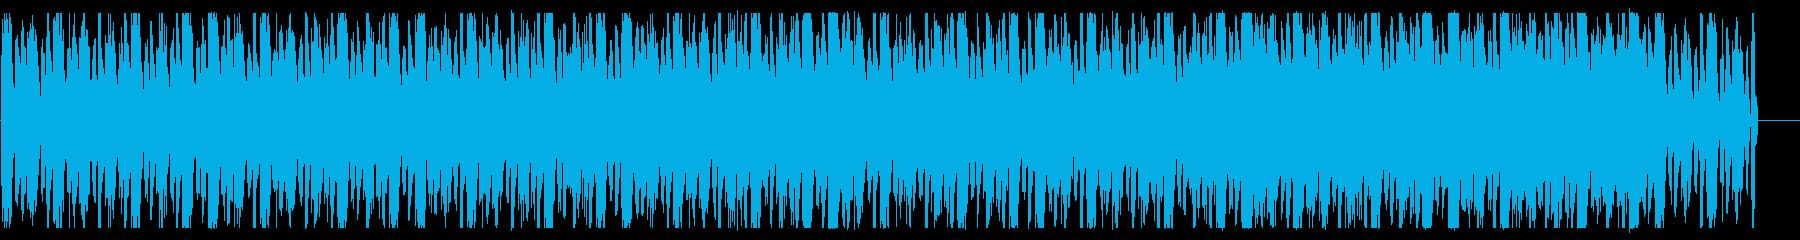 テクノ風トラックのBGMの再生済みの波形